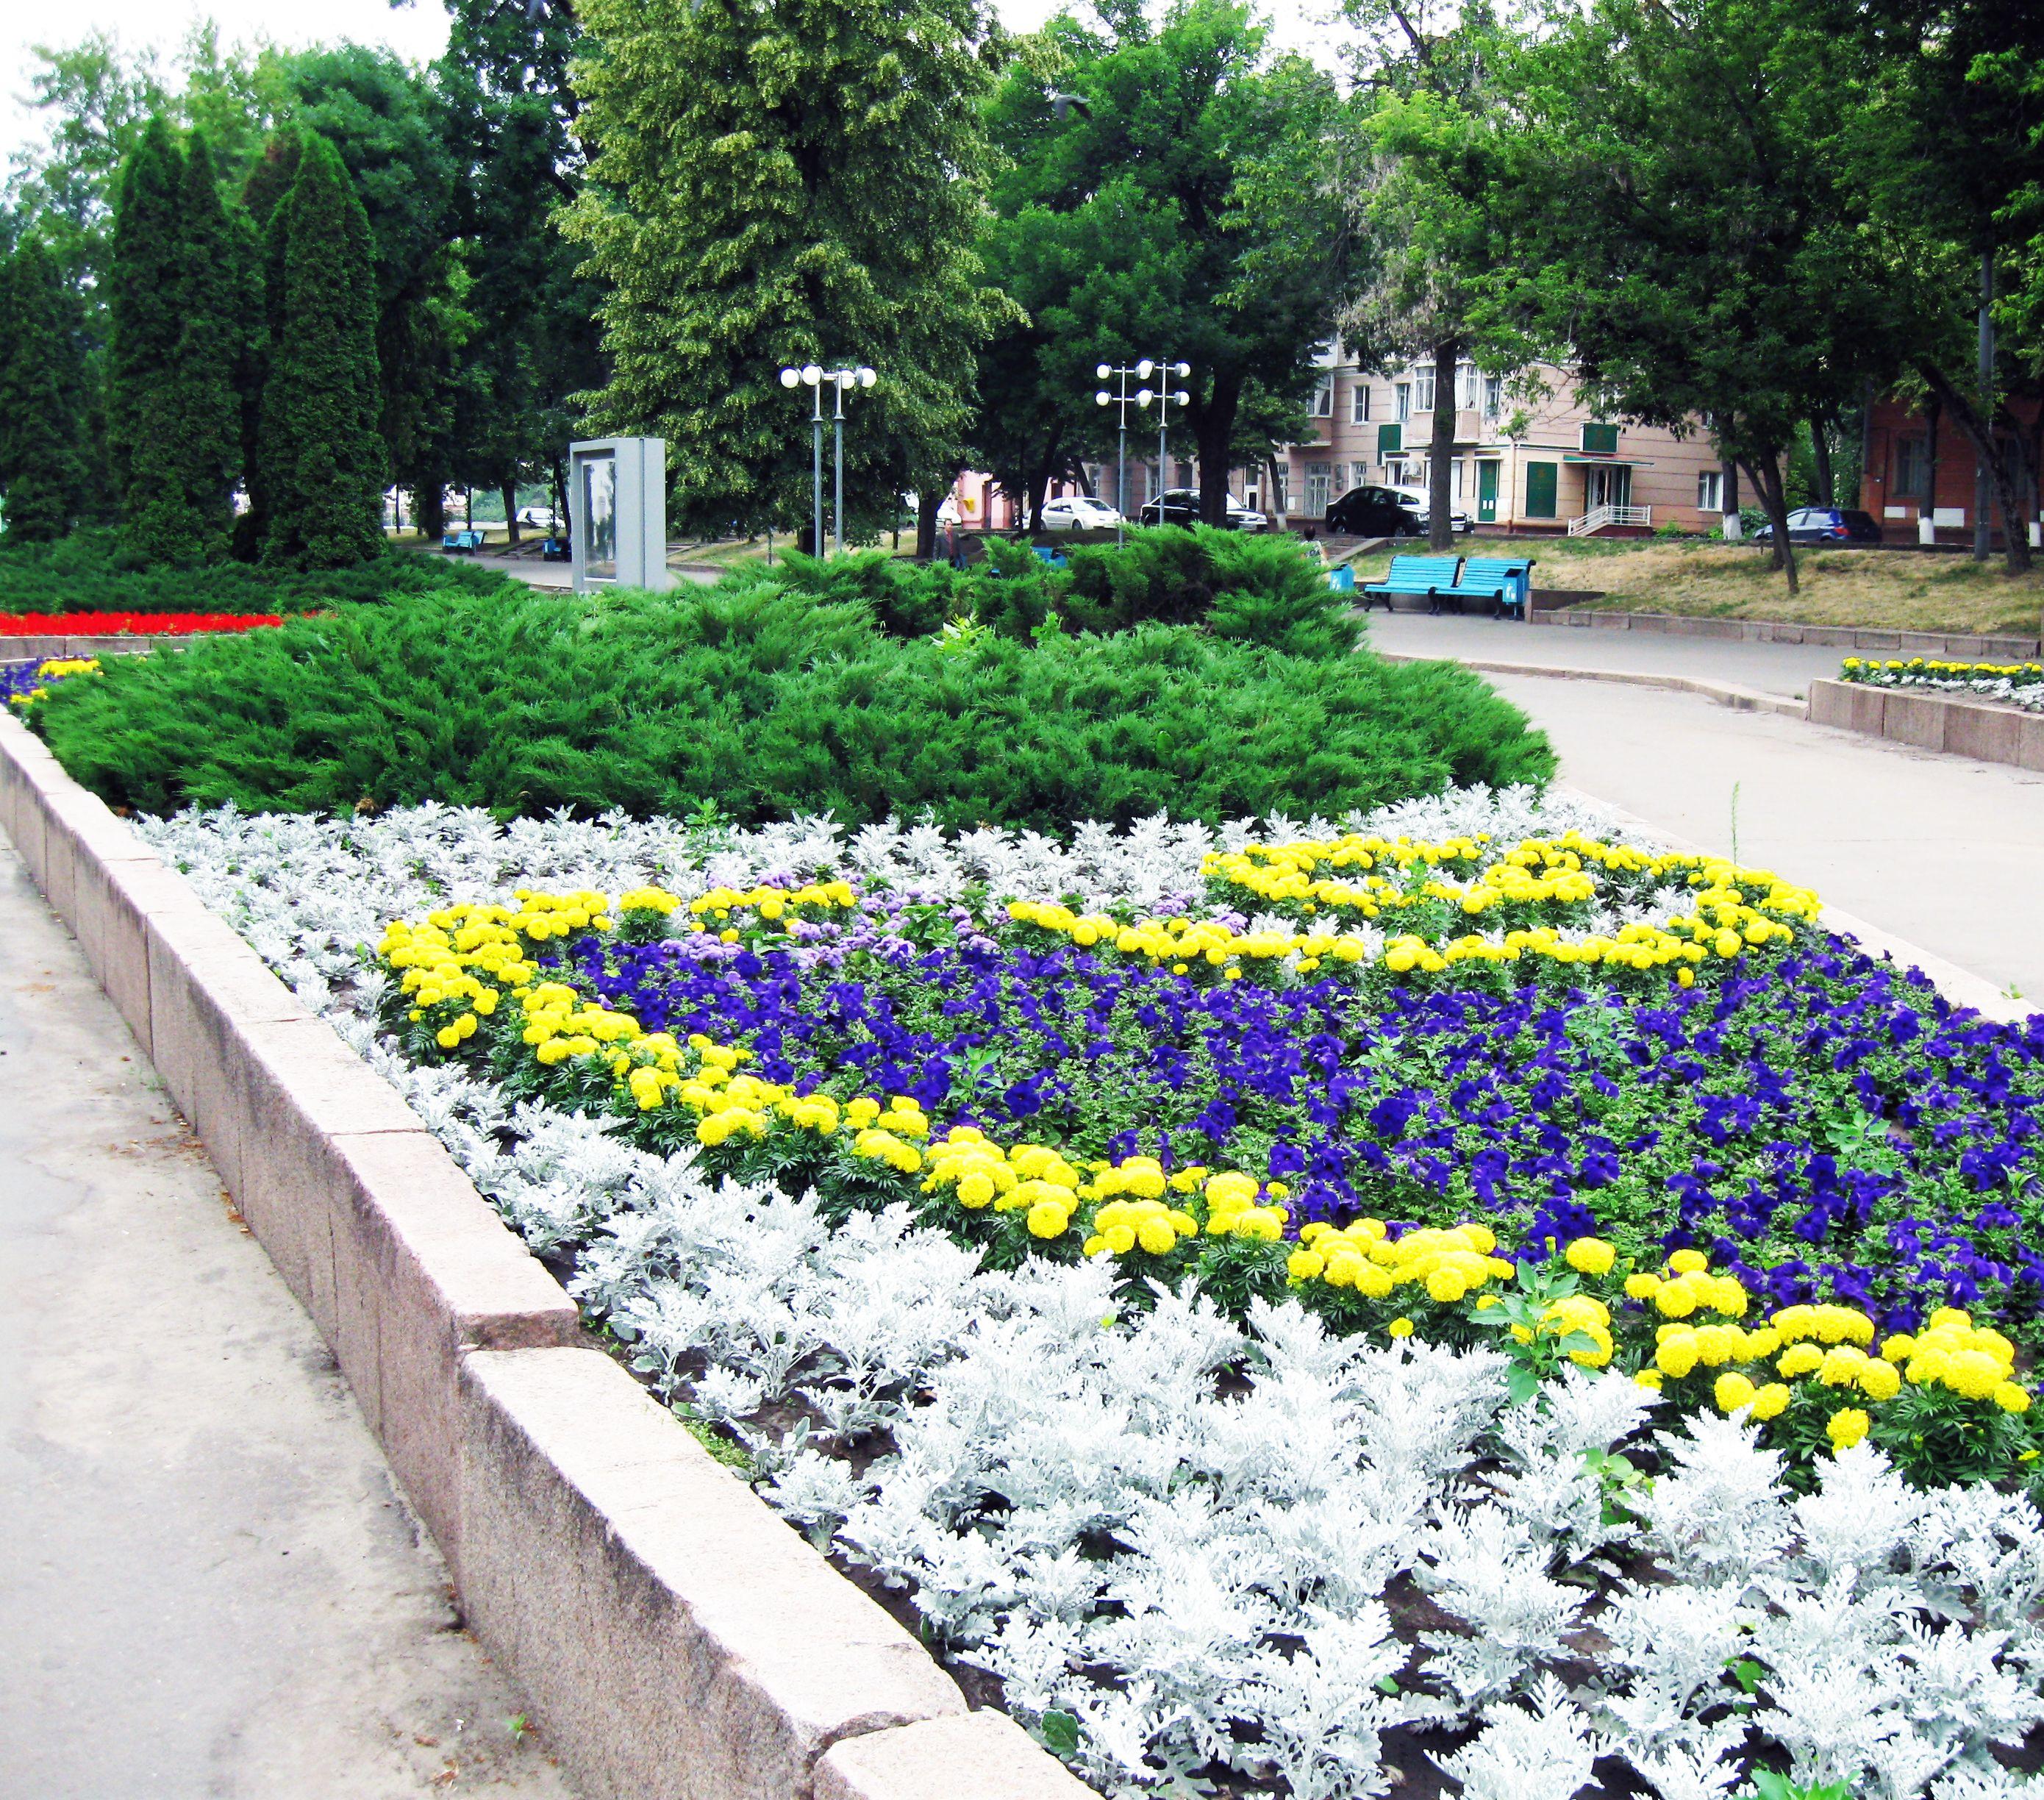 Цветы в городском озеленении фото